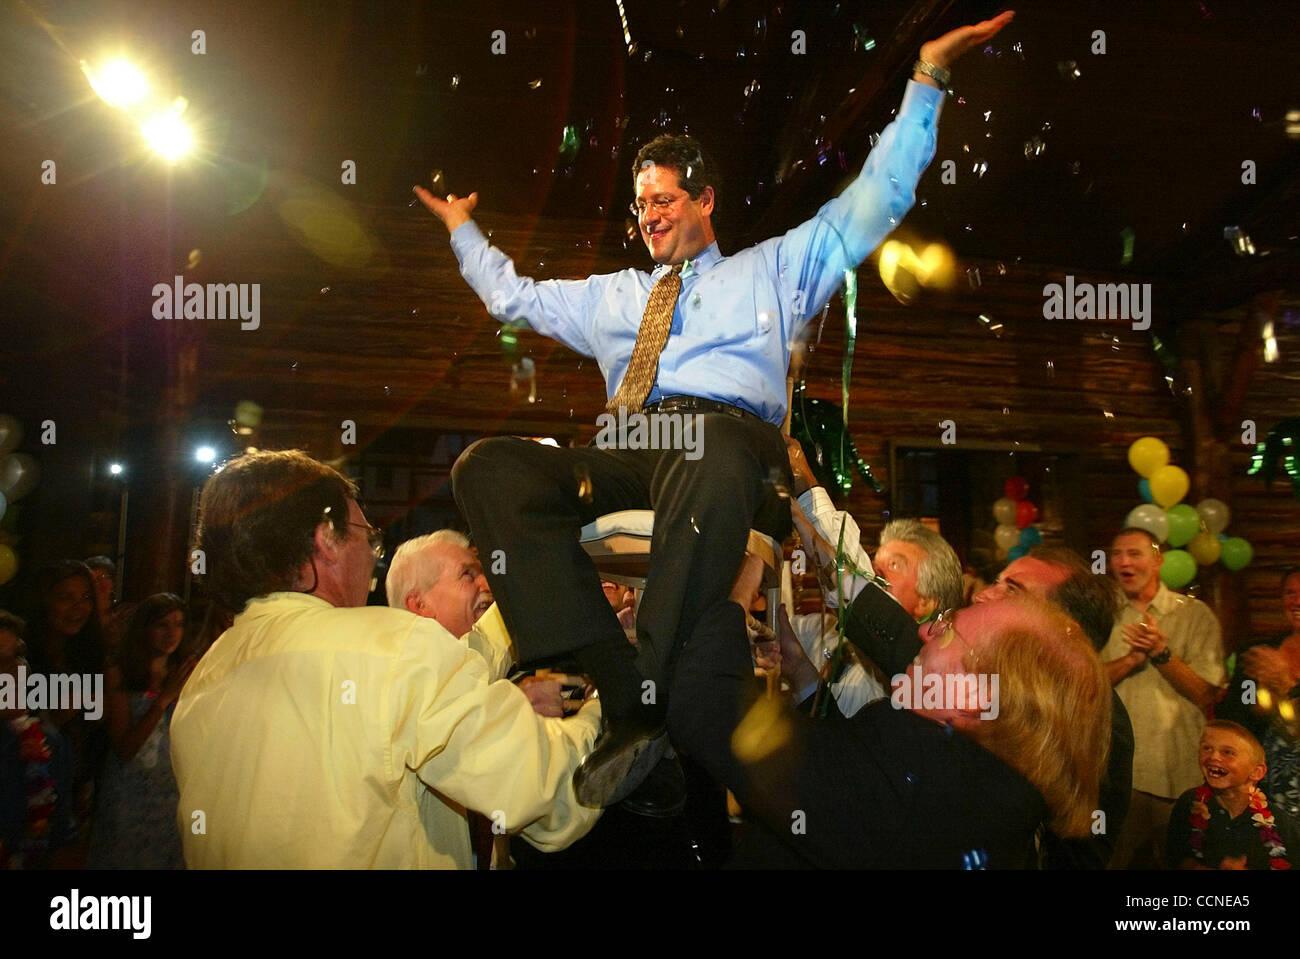 Bar Mitzvah Party Stockfotos & Bar Mitzvah Party Bilder - Alamy